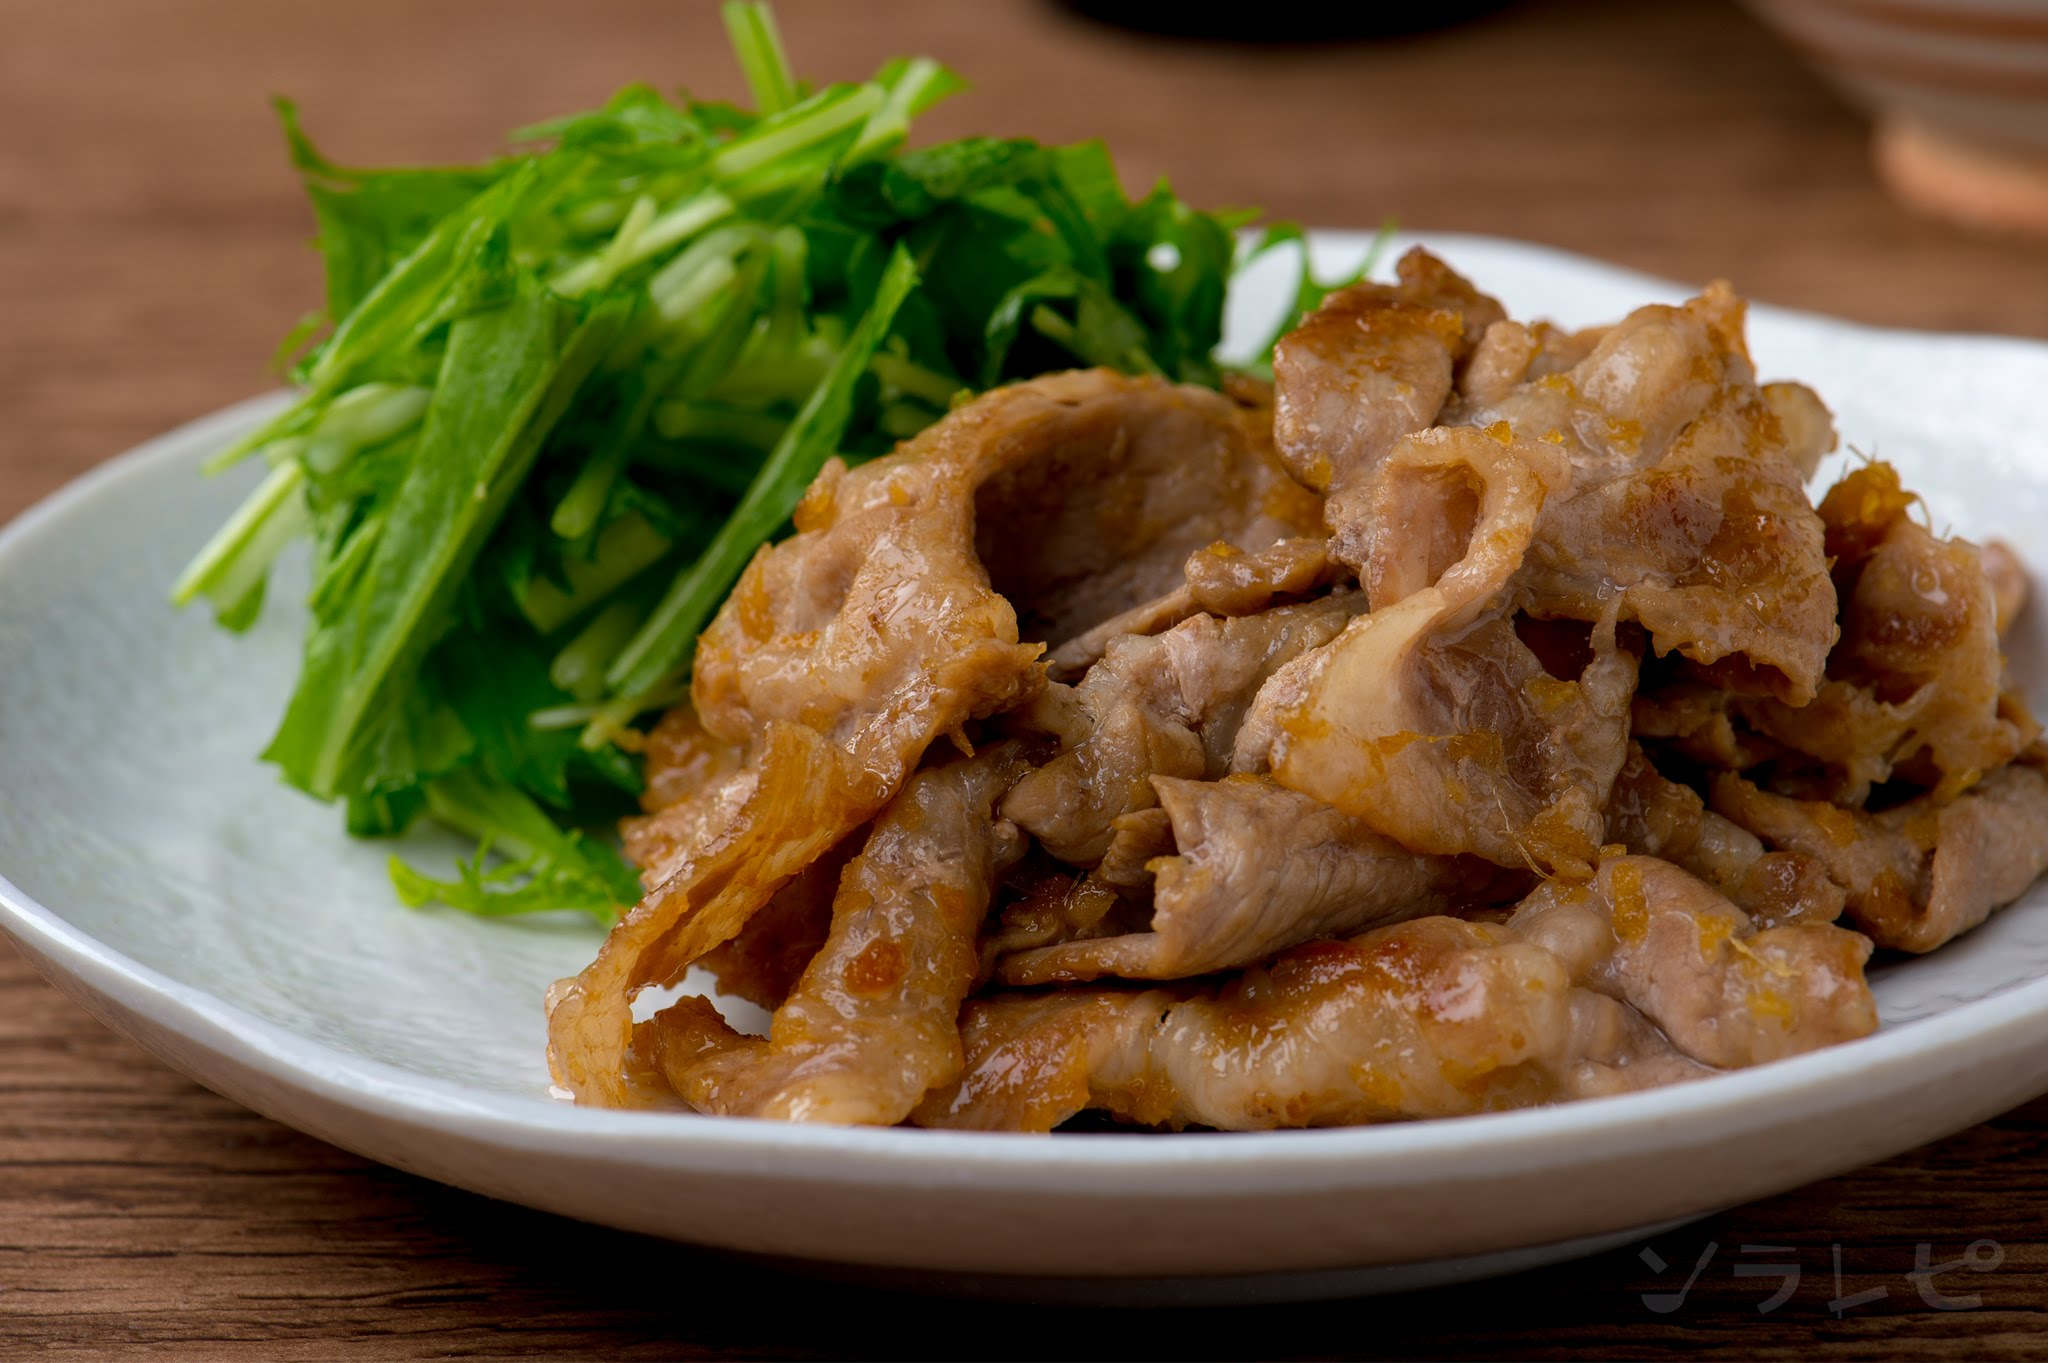 絶品!豚の生姜焼き 簡単ですぐに作れるおすすめレシピ5選のサムネイル画像